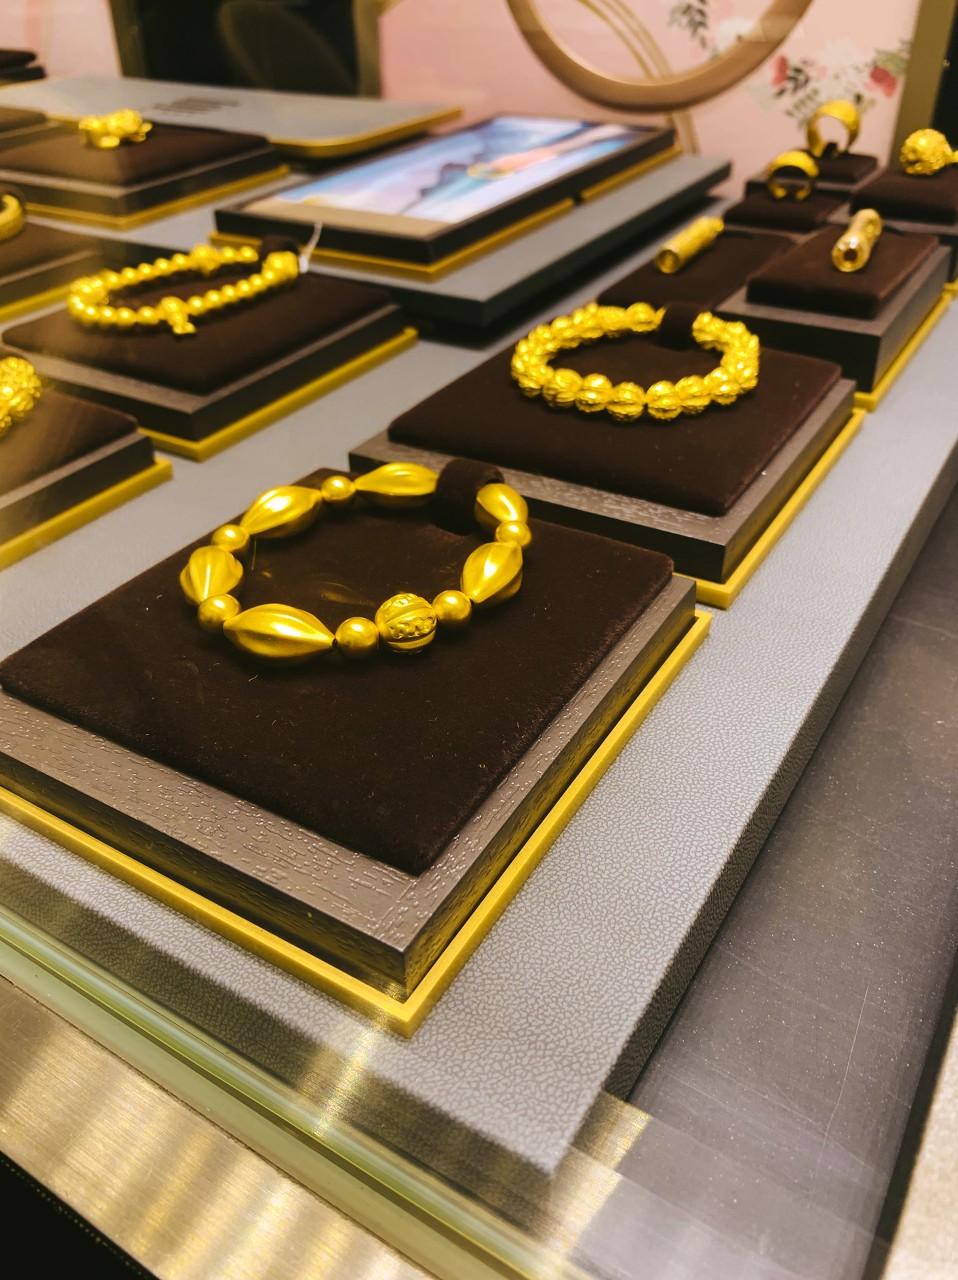 1至2月我国黄金珠宝零售市场消费呈强势增长态势